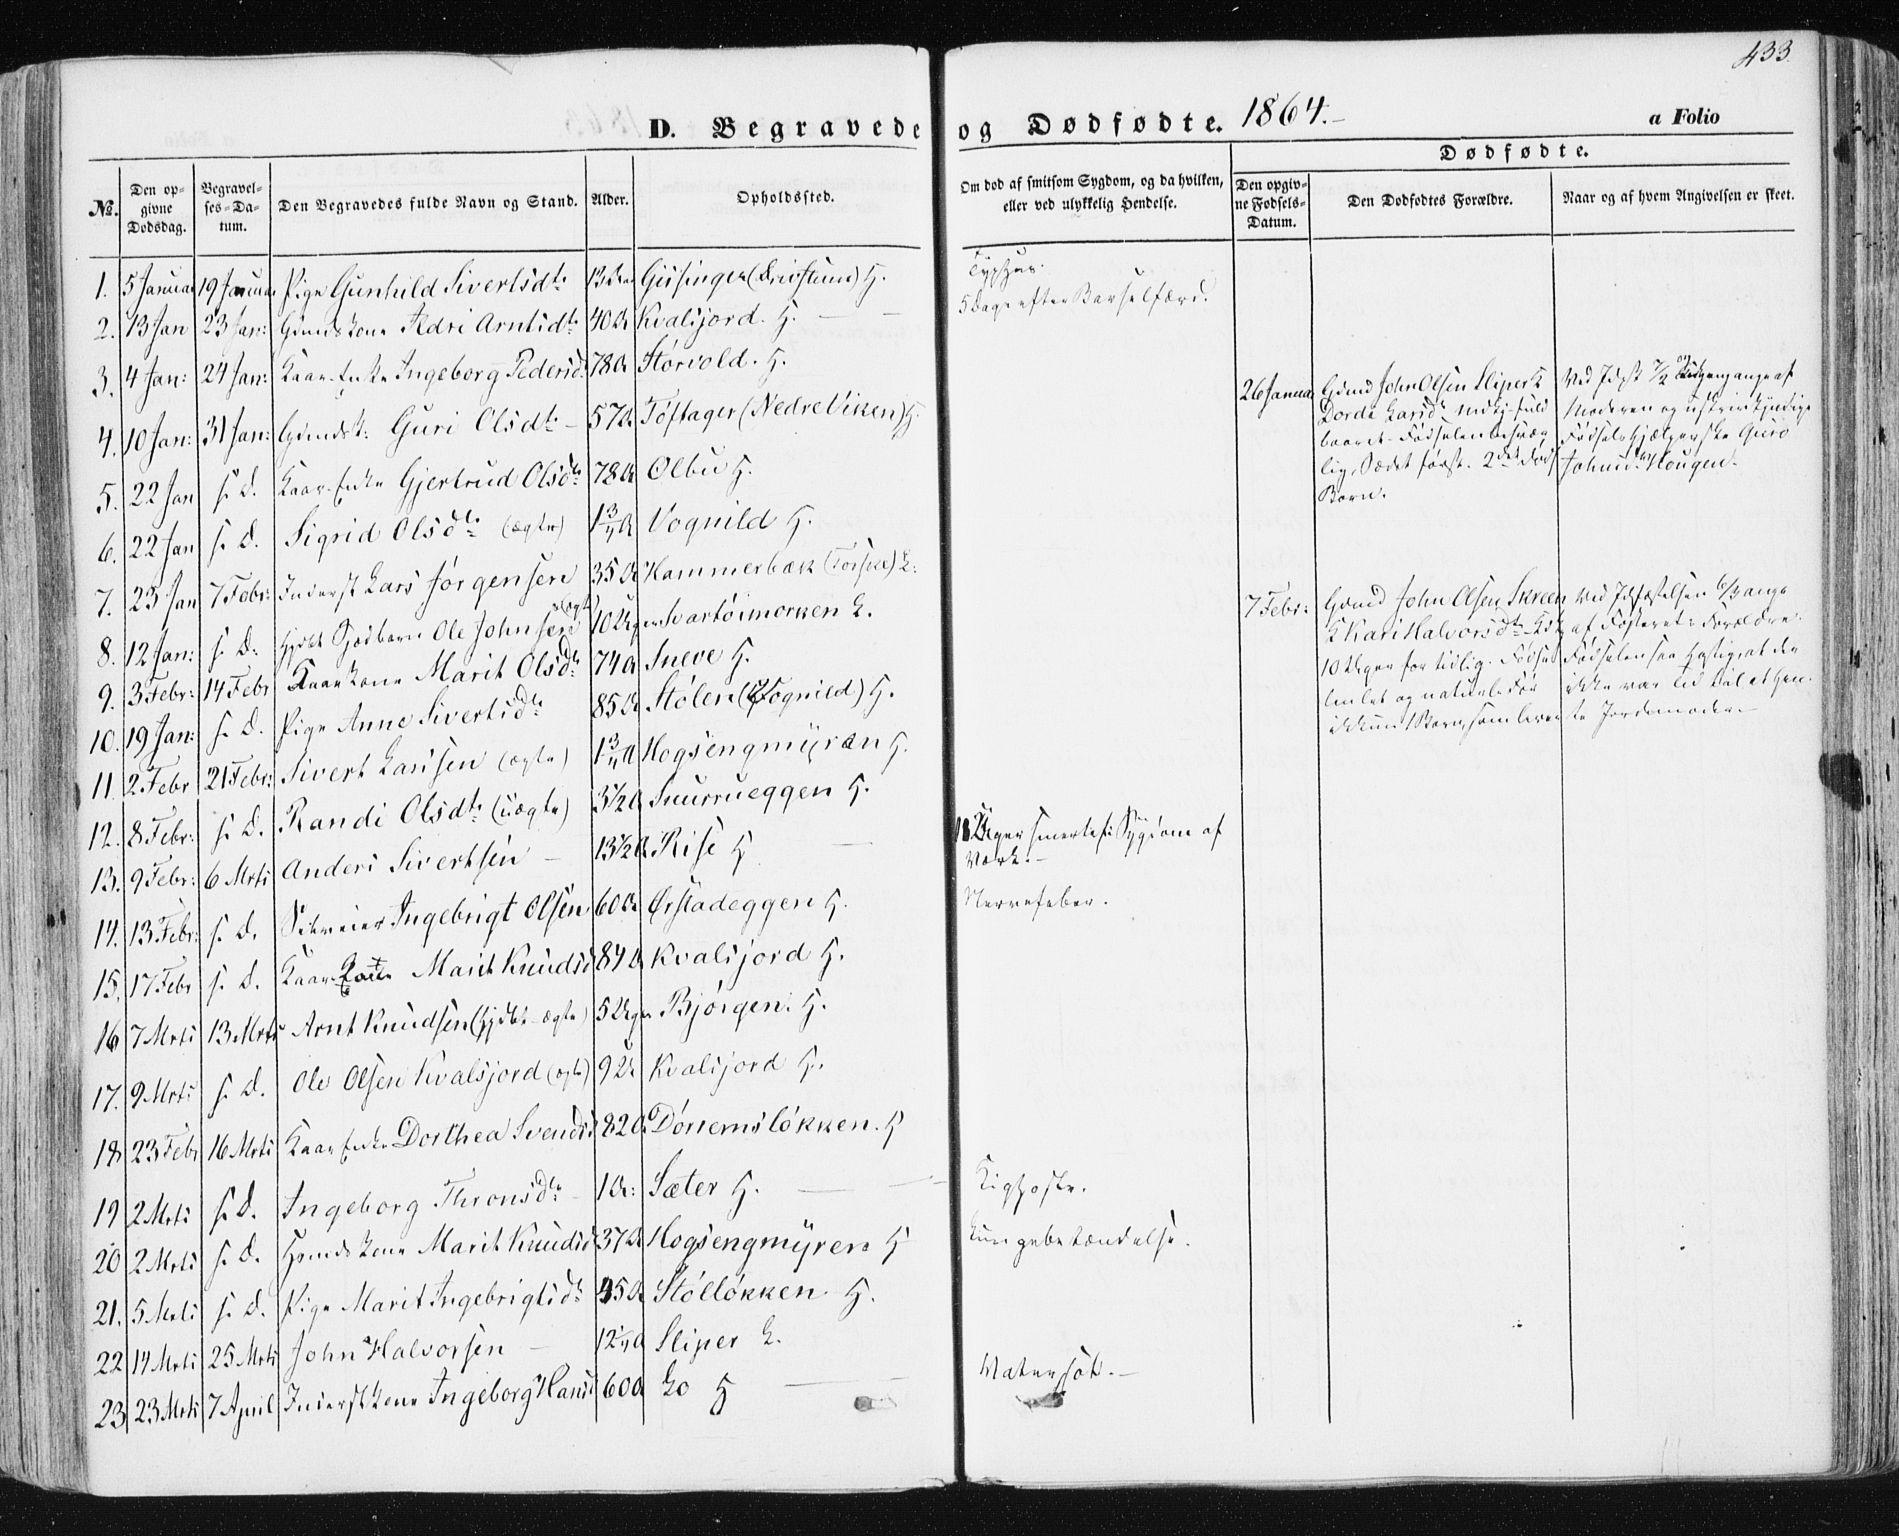 SAT, Ministerialprotokoller, klokkerbøker og fødselsregistre - Sør-Trøndelag, 678/L0899: Ministerialbok nr. 678A08, 1848-1872, s. 433